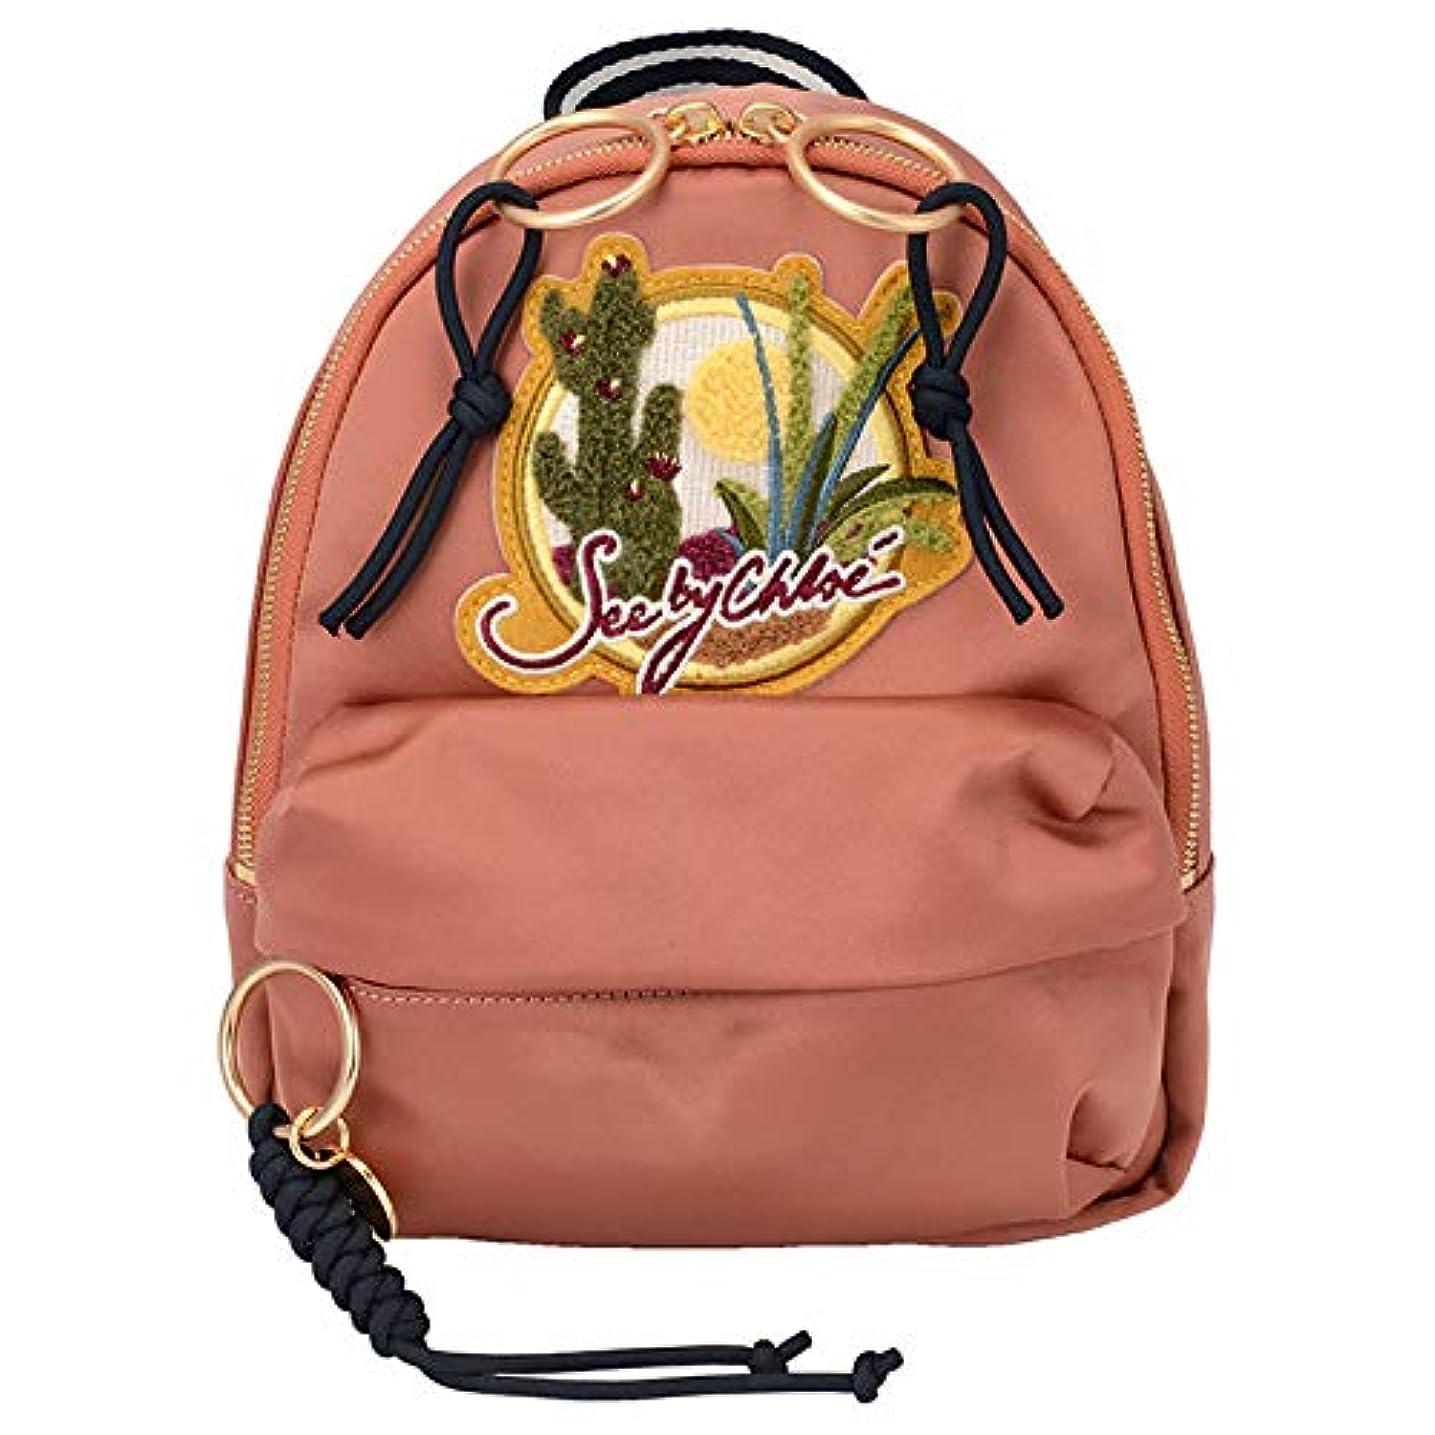 土退屈な人工【シーバイクロエ】 SEE BY CHLOE Back Packs 9S7935-P398 NR26W レディース バックパック 鞄 [並行輸入品]